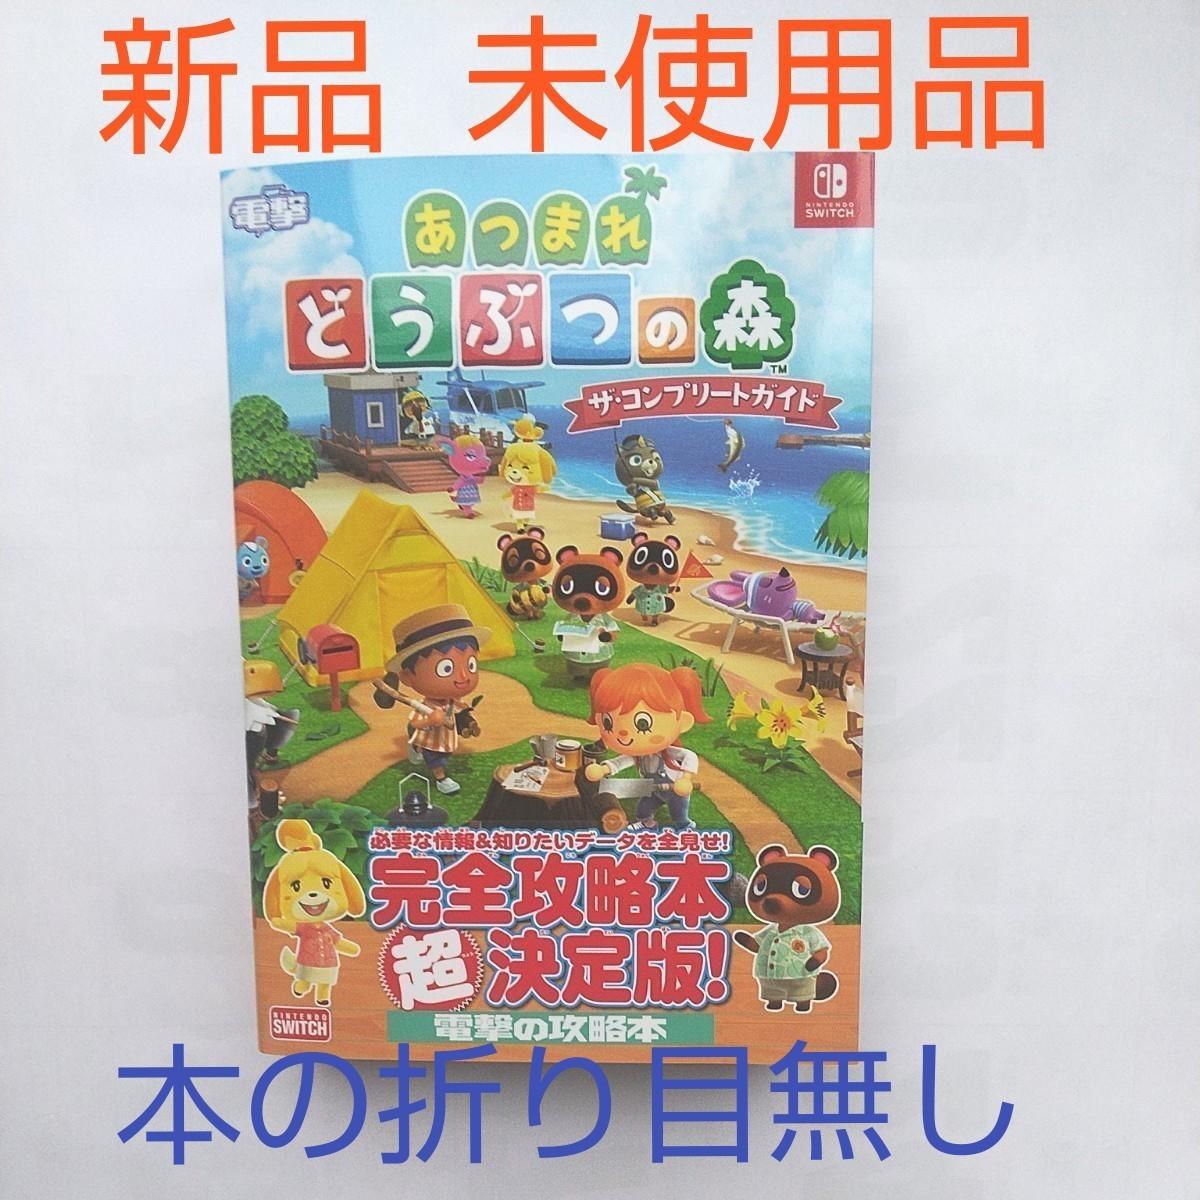 あつまれどうぶつの森☆ザコンプリートガイド 攻略本(本日発送)